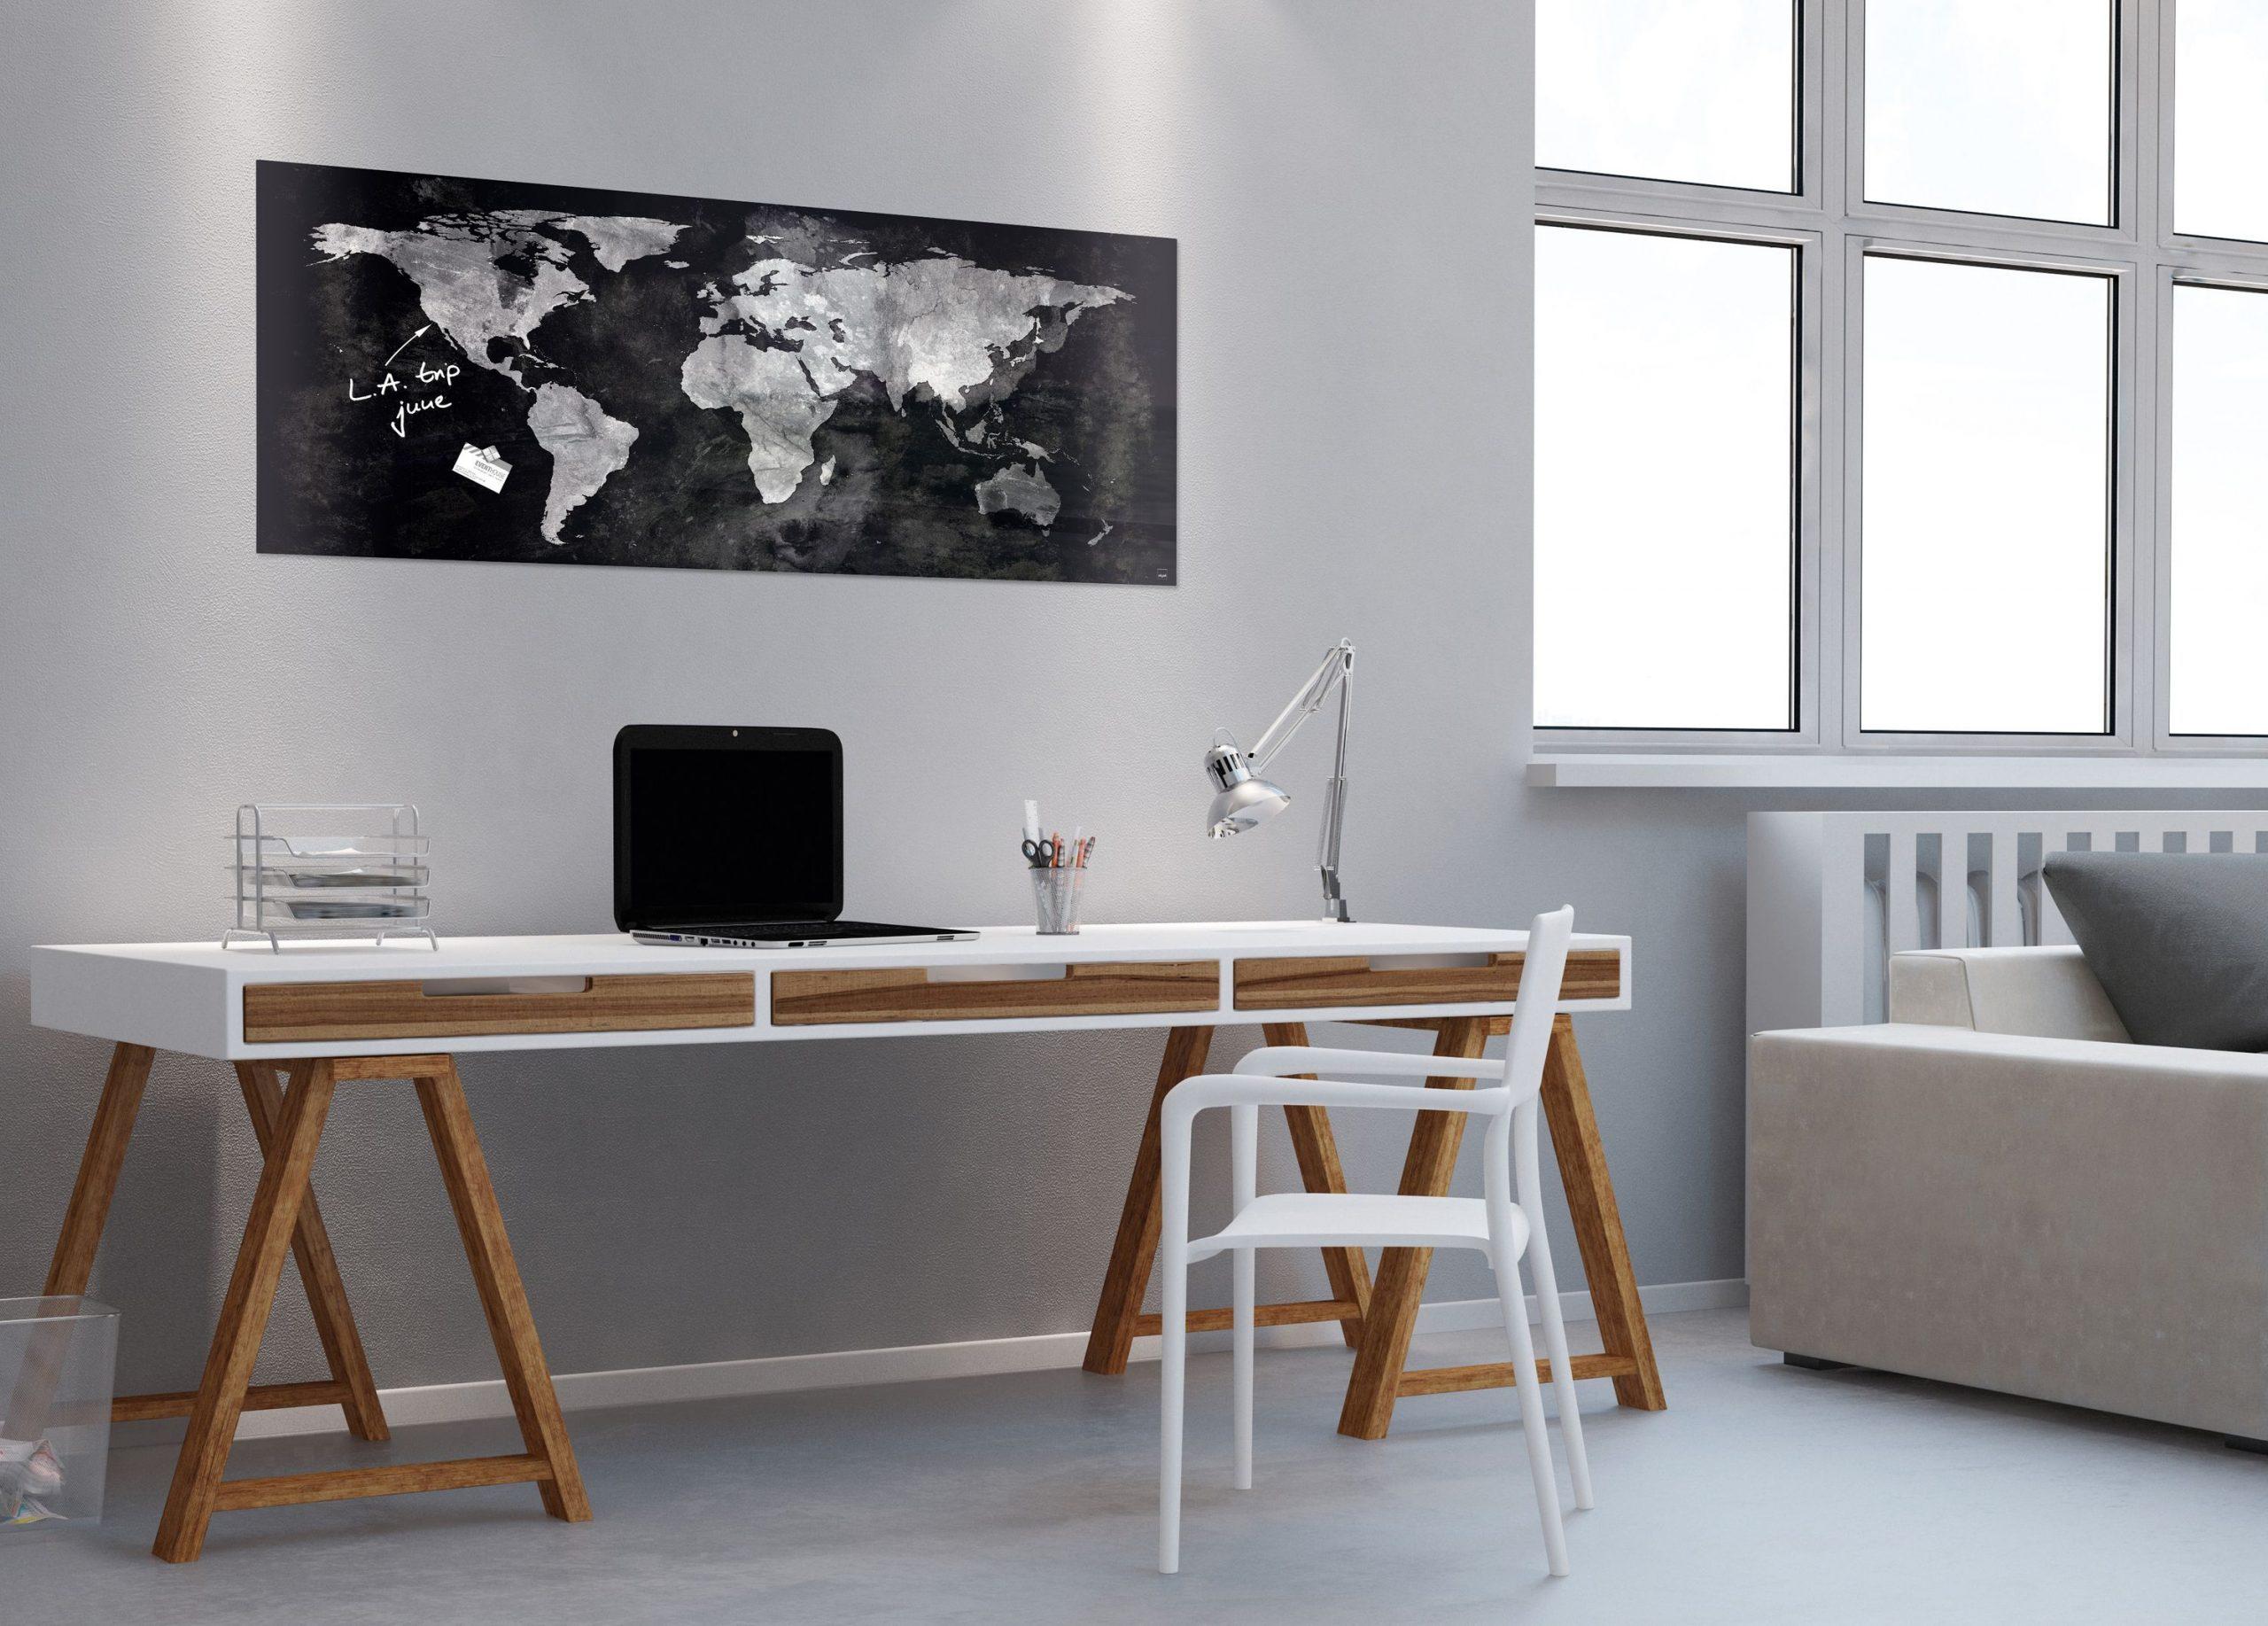 Full Size of Pinnwand Modern Sigel Glas Magnet Board Gl246 130x55 Magnettafel Tafel Esstisch Moderne Esstische Bett Design Küche Holz Deckenleuchte Wohnzimmer Deckenlampen Wohnzimmer Pinnwand Modern